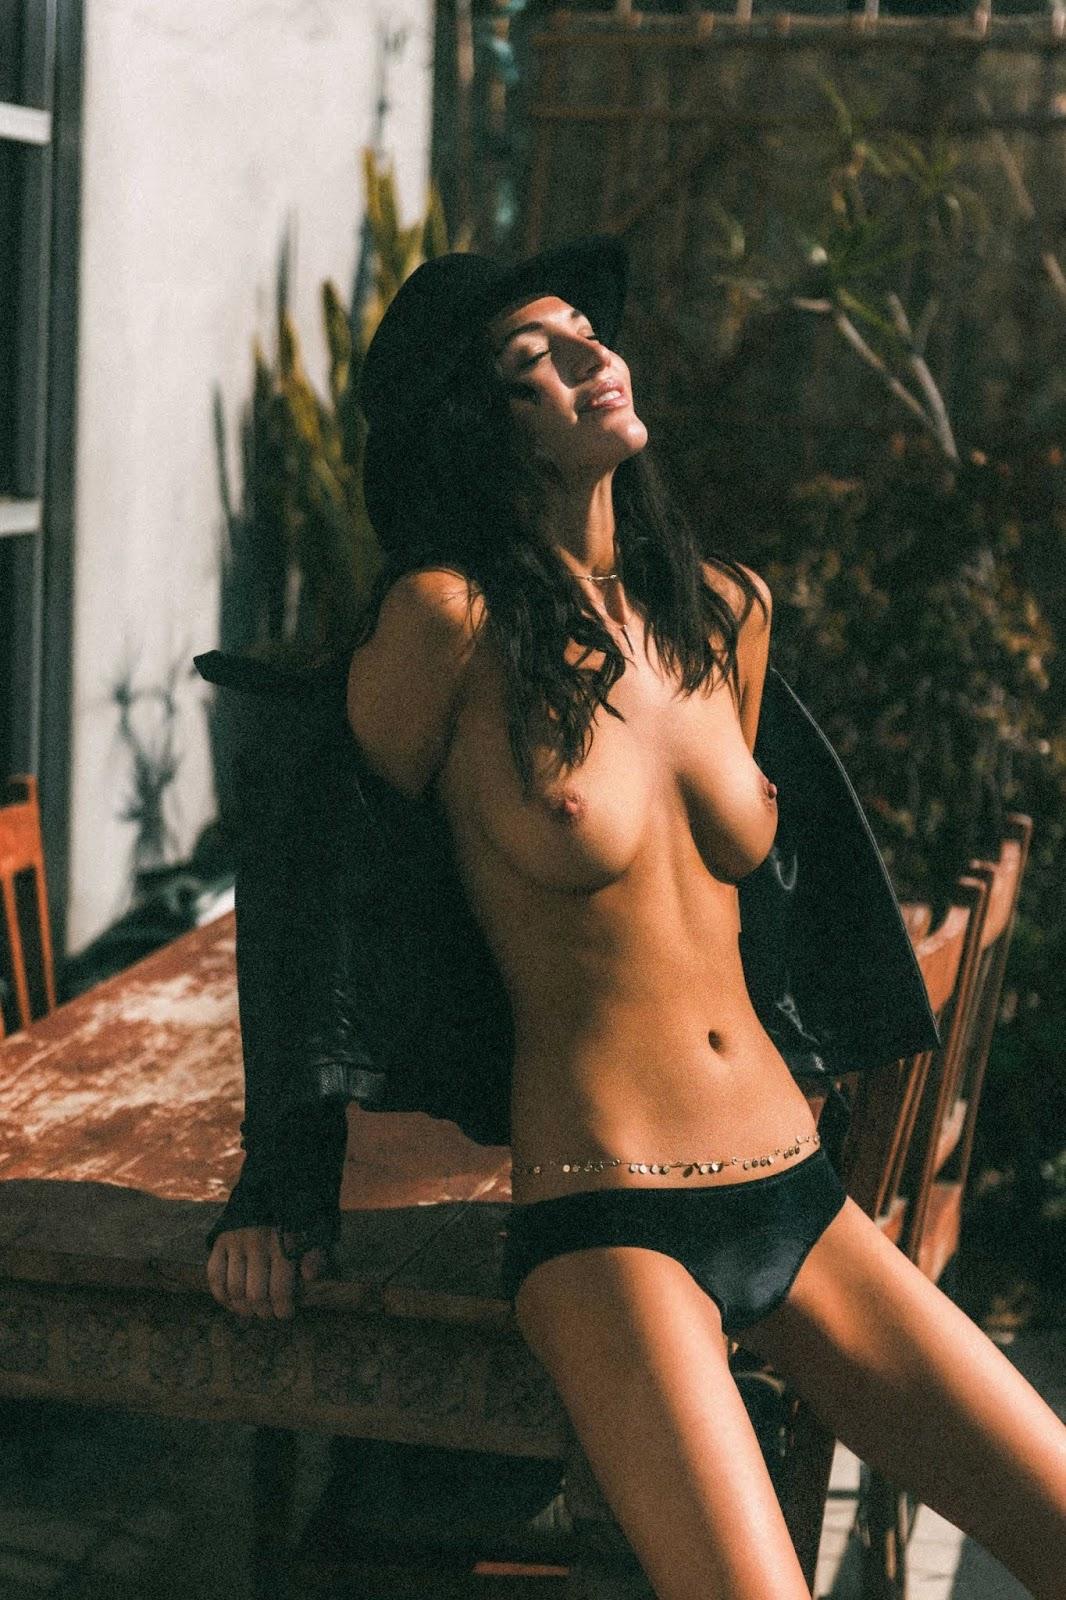 mandee-smith-nude-movies-spanking